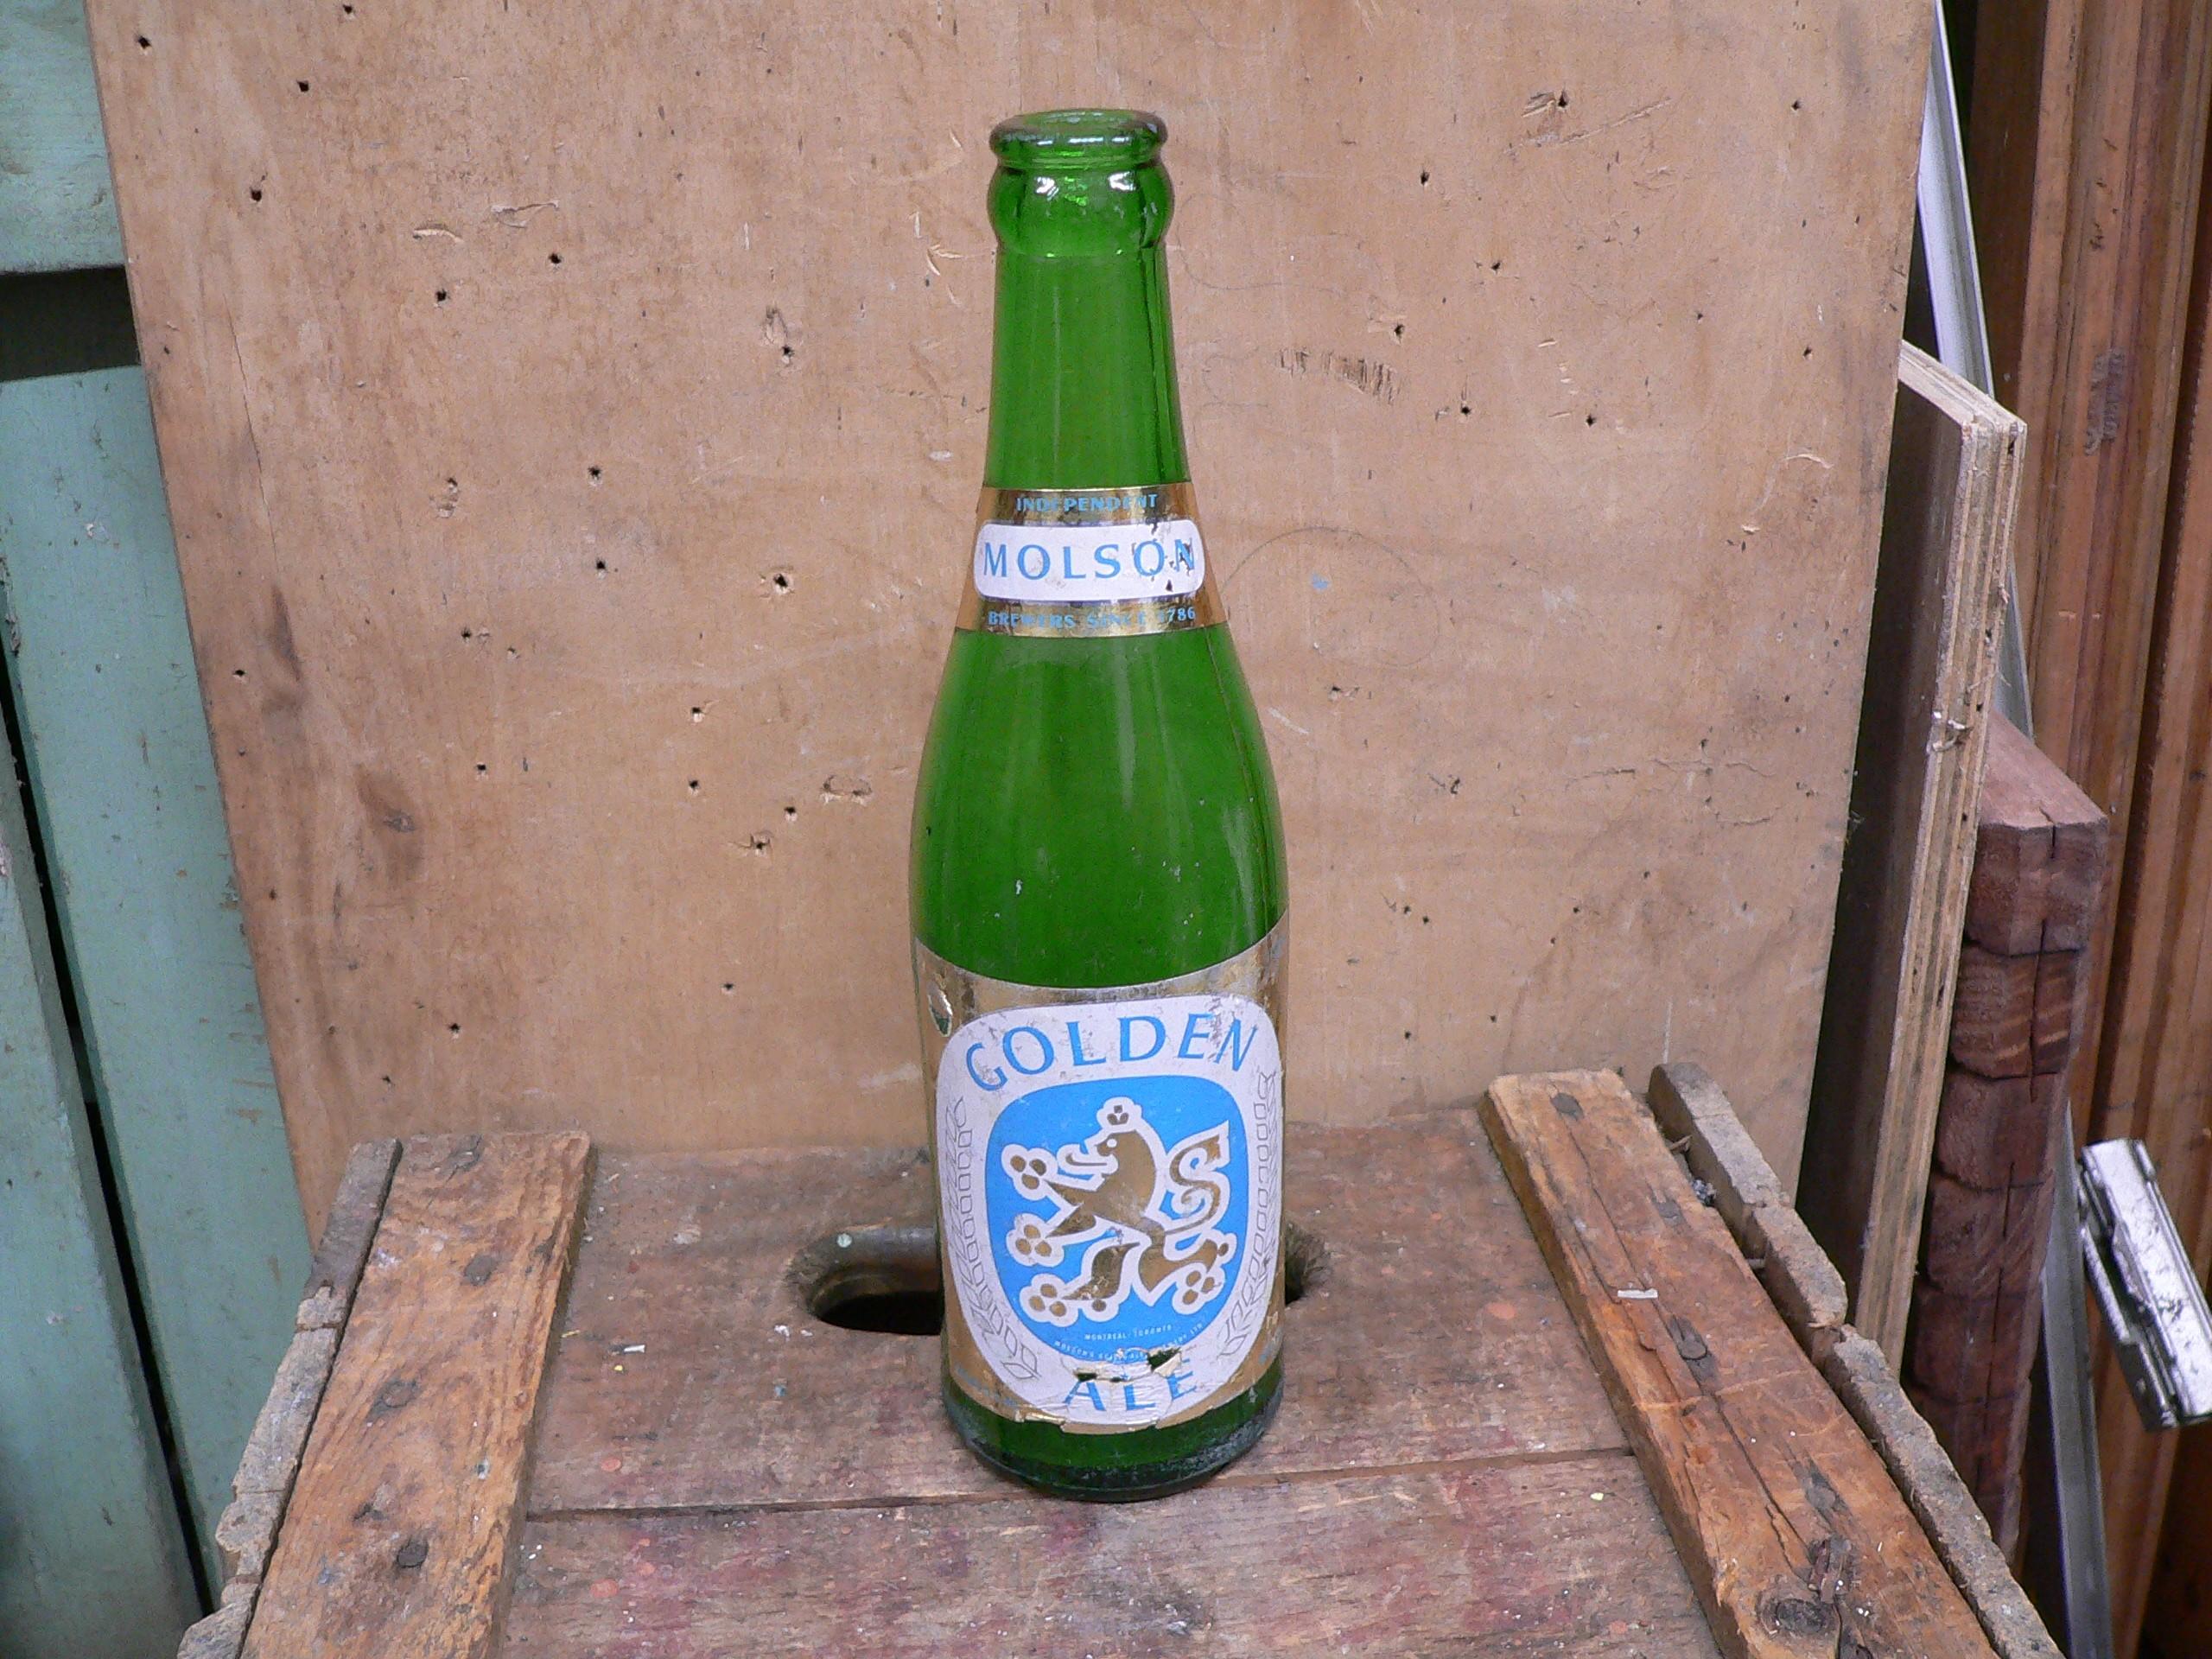 Bouteille bière molson golden ale # 5920.7